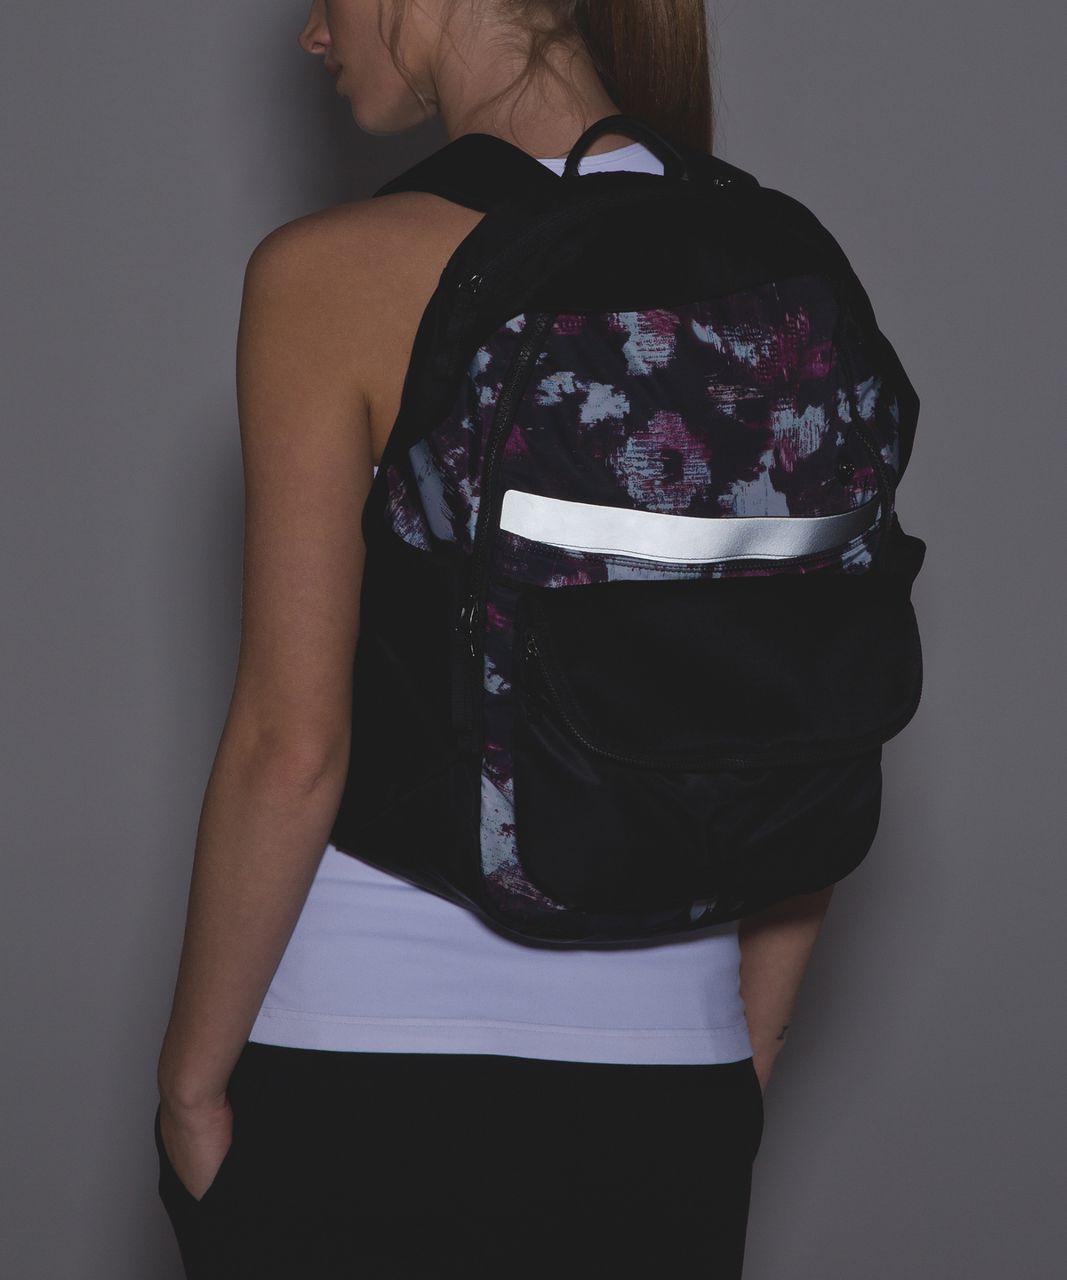 Lululemon All Day Backpack - Kara Blossom Multi / Black